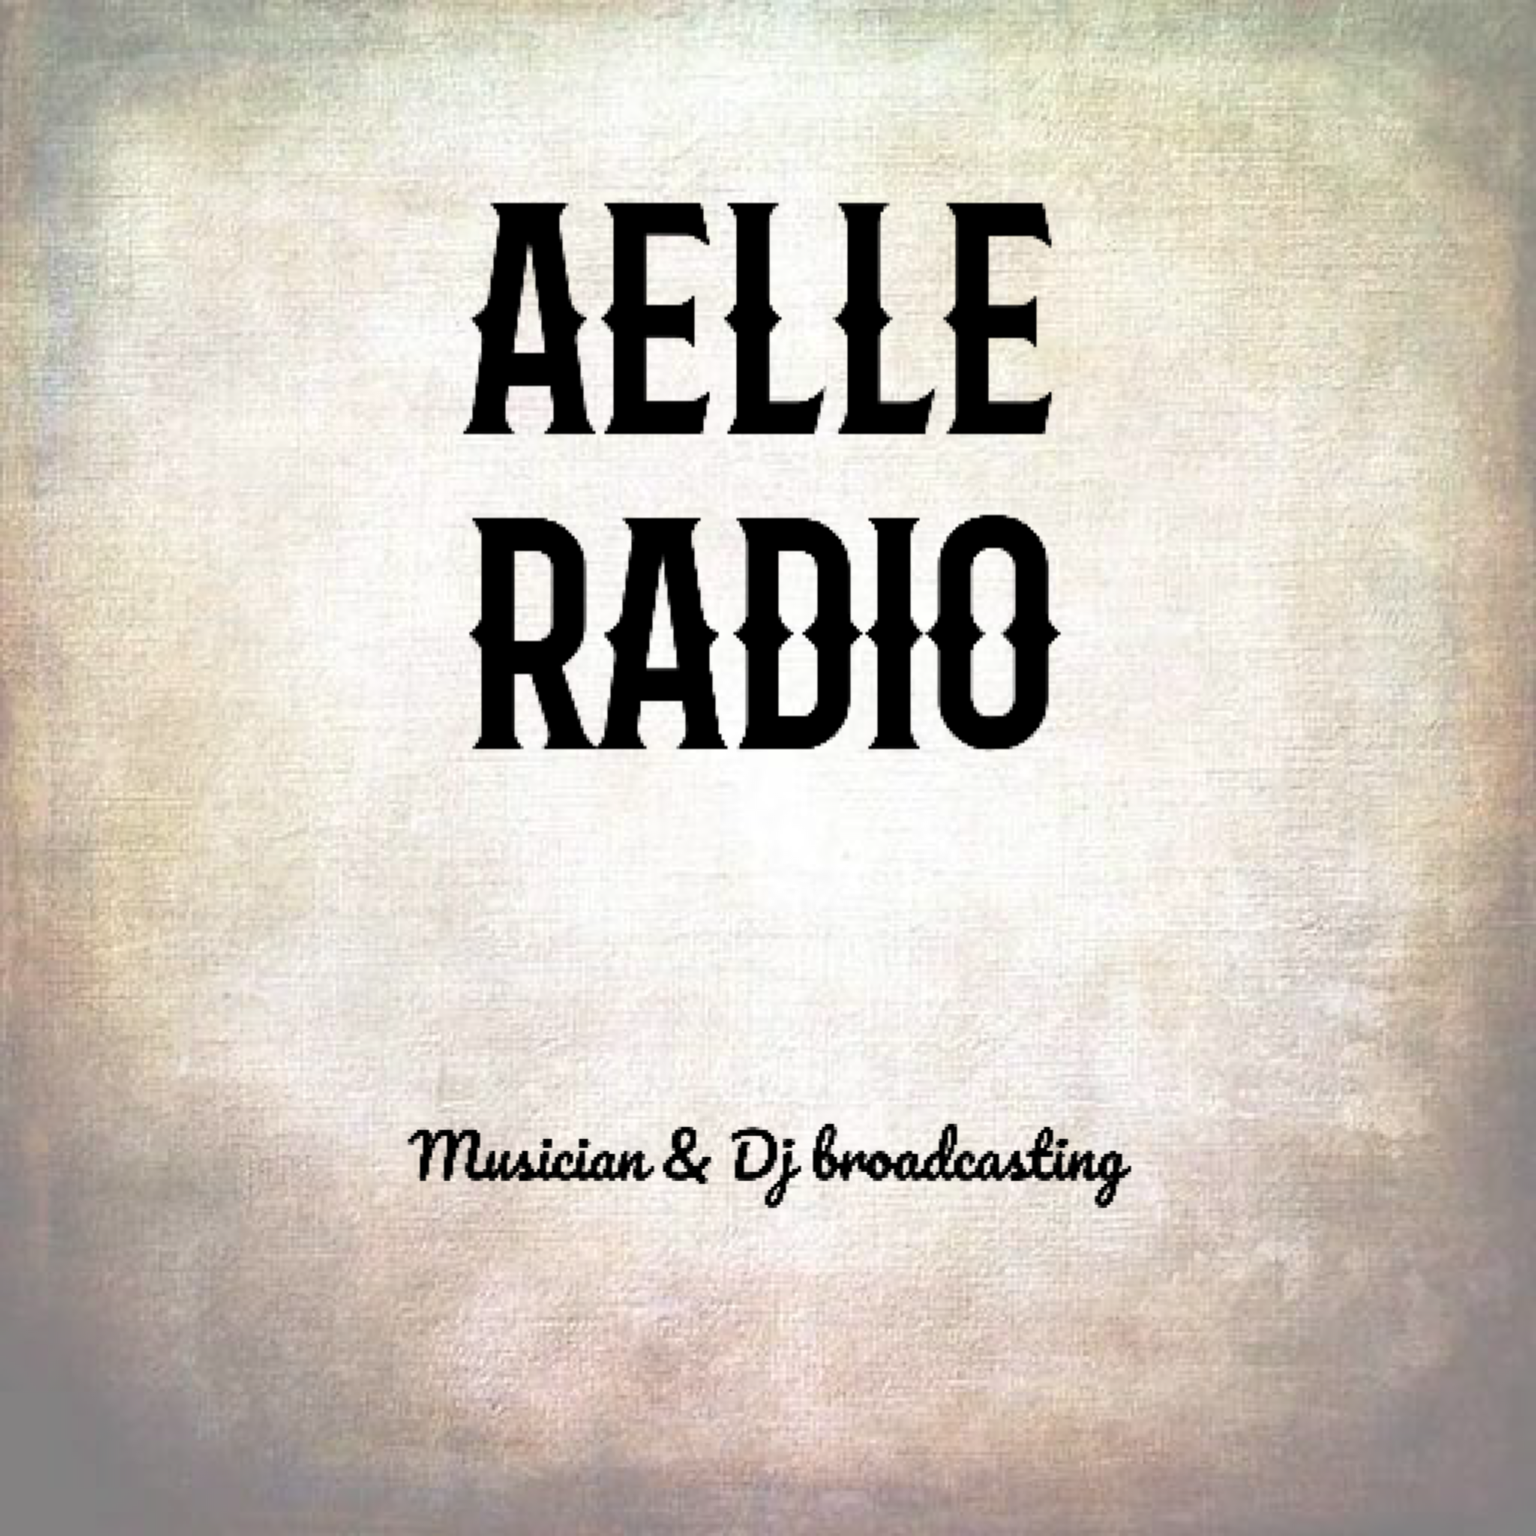 Aelle Radio